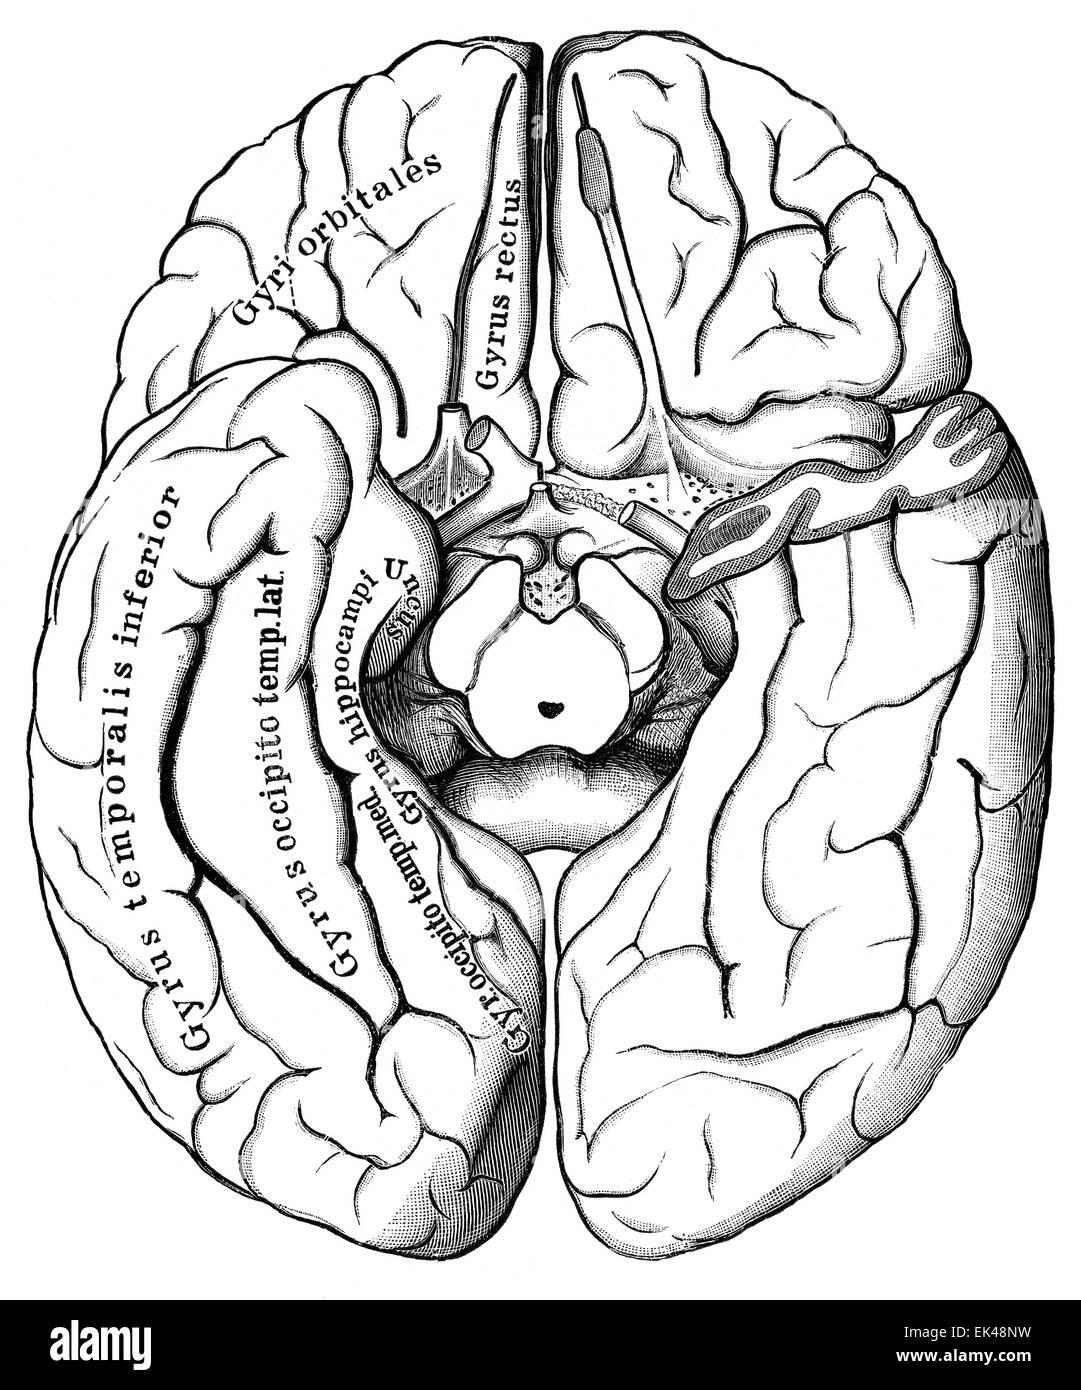 El cerebro humano visto desde abajo, Imagen De Stock